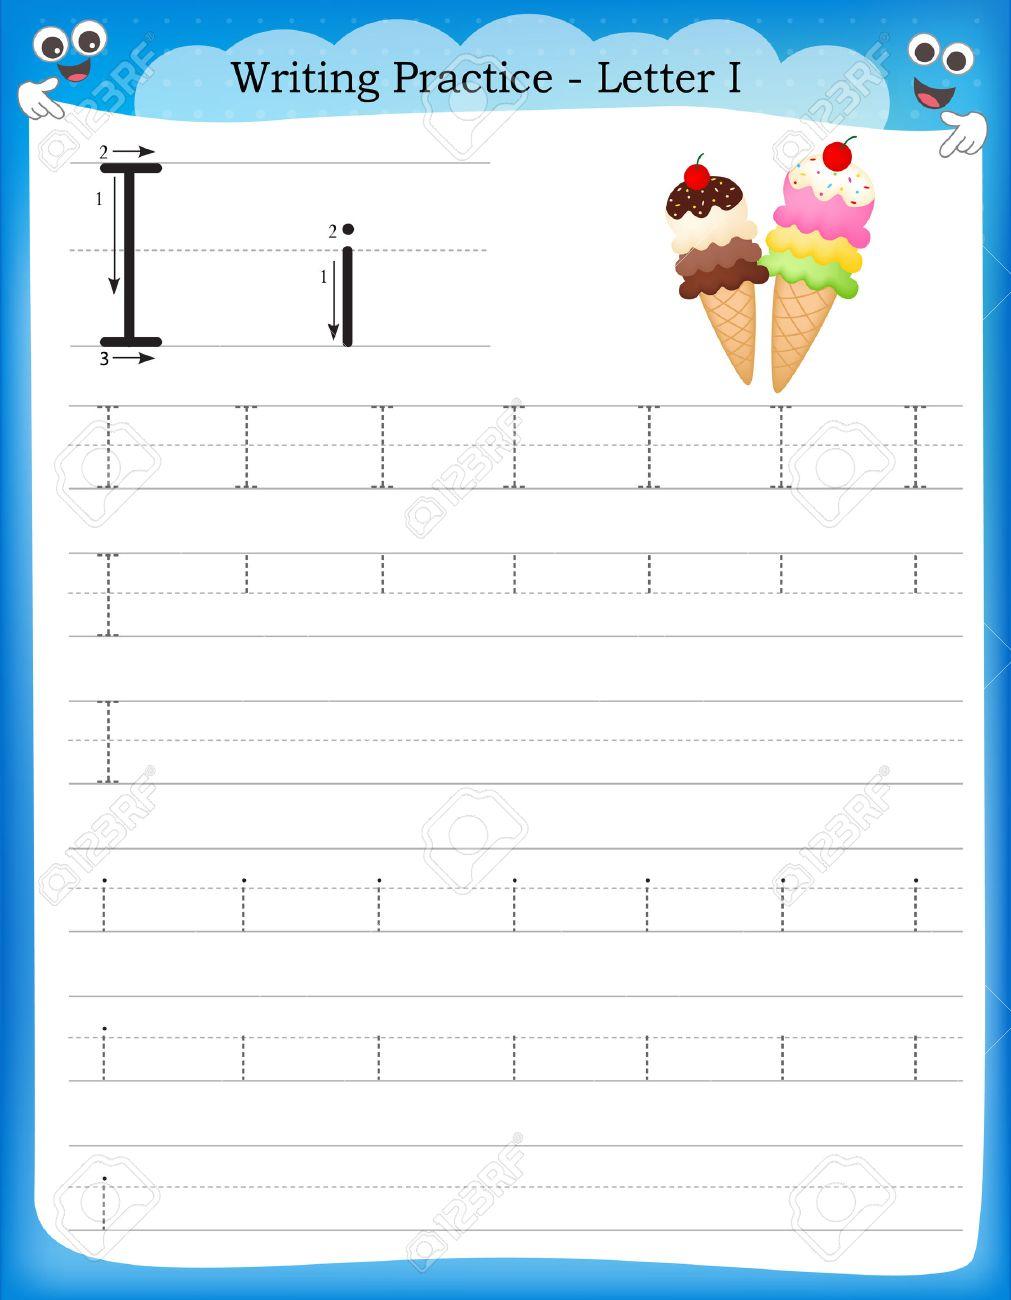 Schreiben Praxis Brief, Den Ich Druckbare Arbeitsblatt Für Vorschule ...